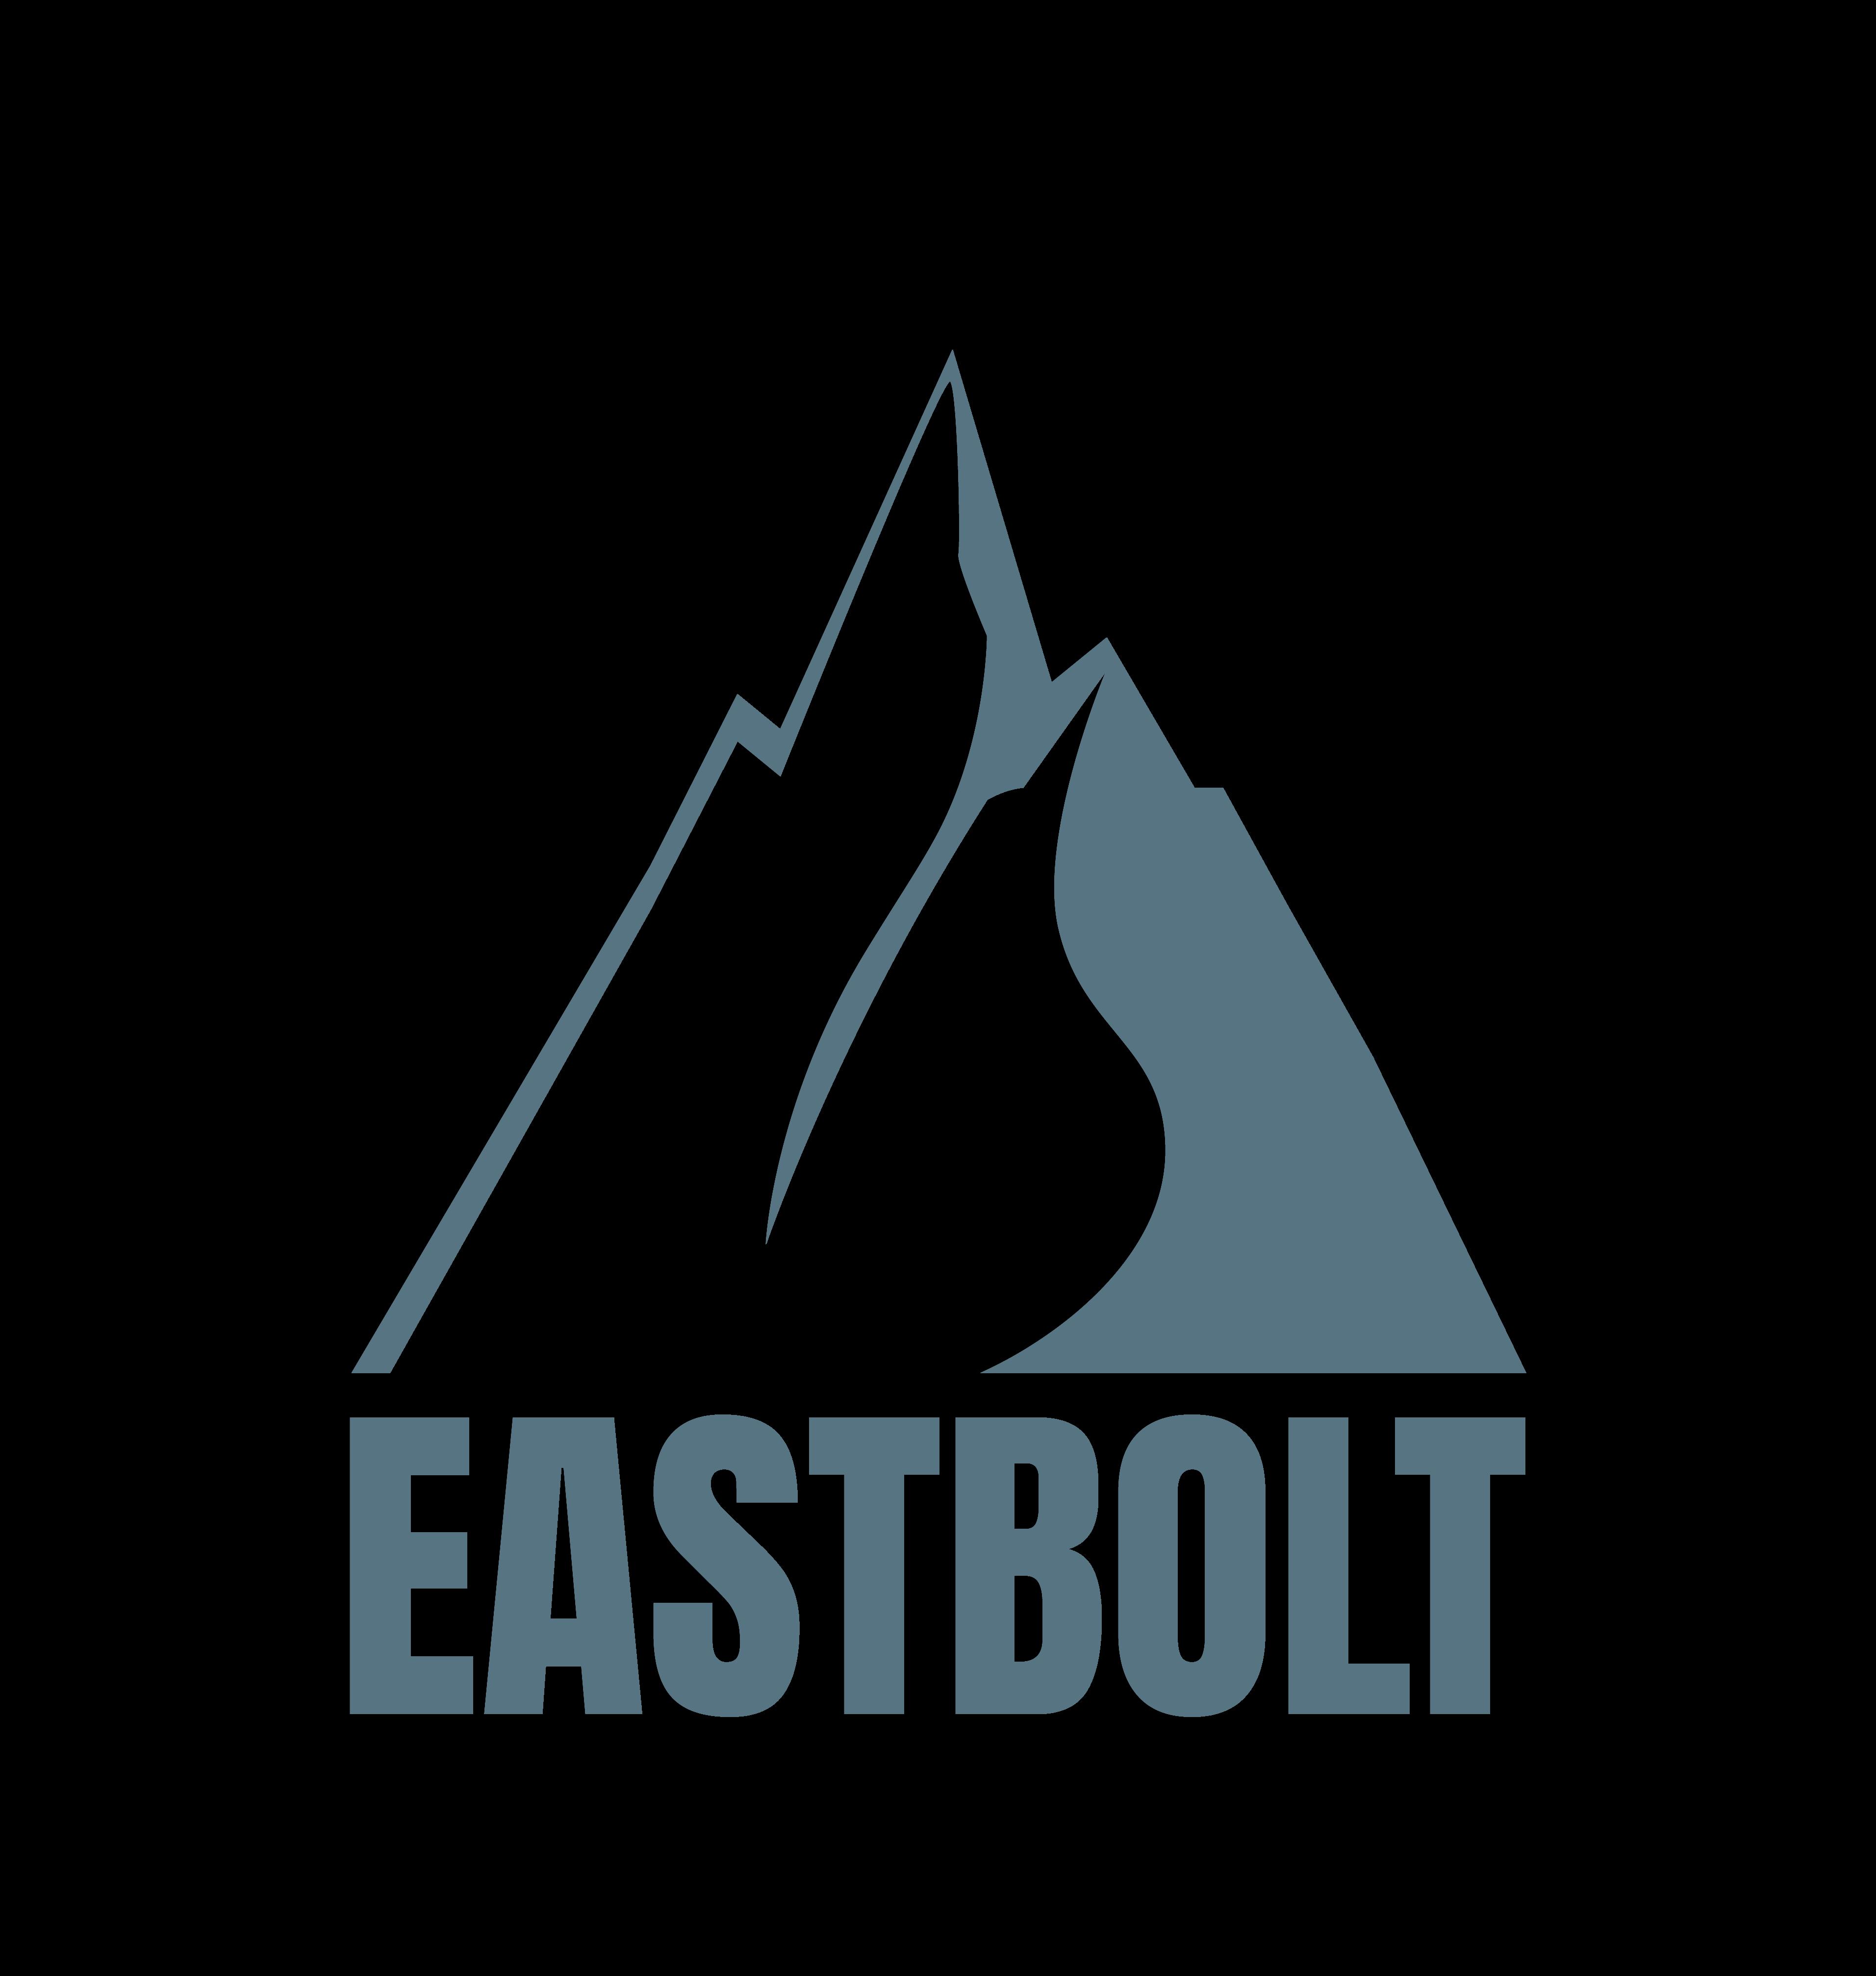 Eastbolt